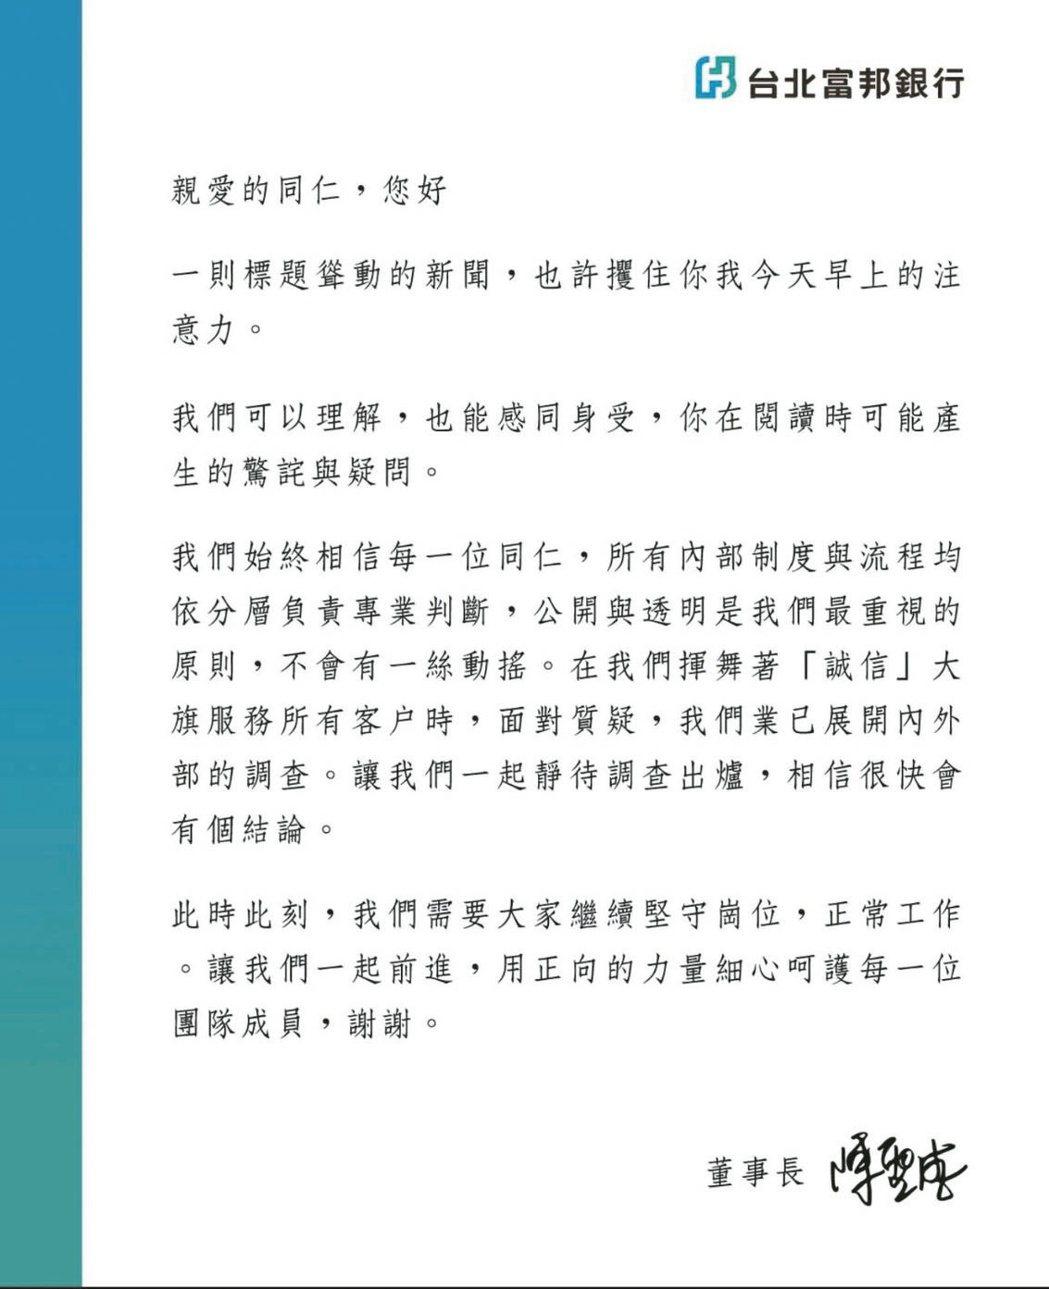 北富銀董事長陳聖德發給所有員工一封內部信件,強調銀行應以「誠信」服務客戶。(網路...